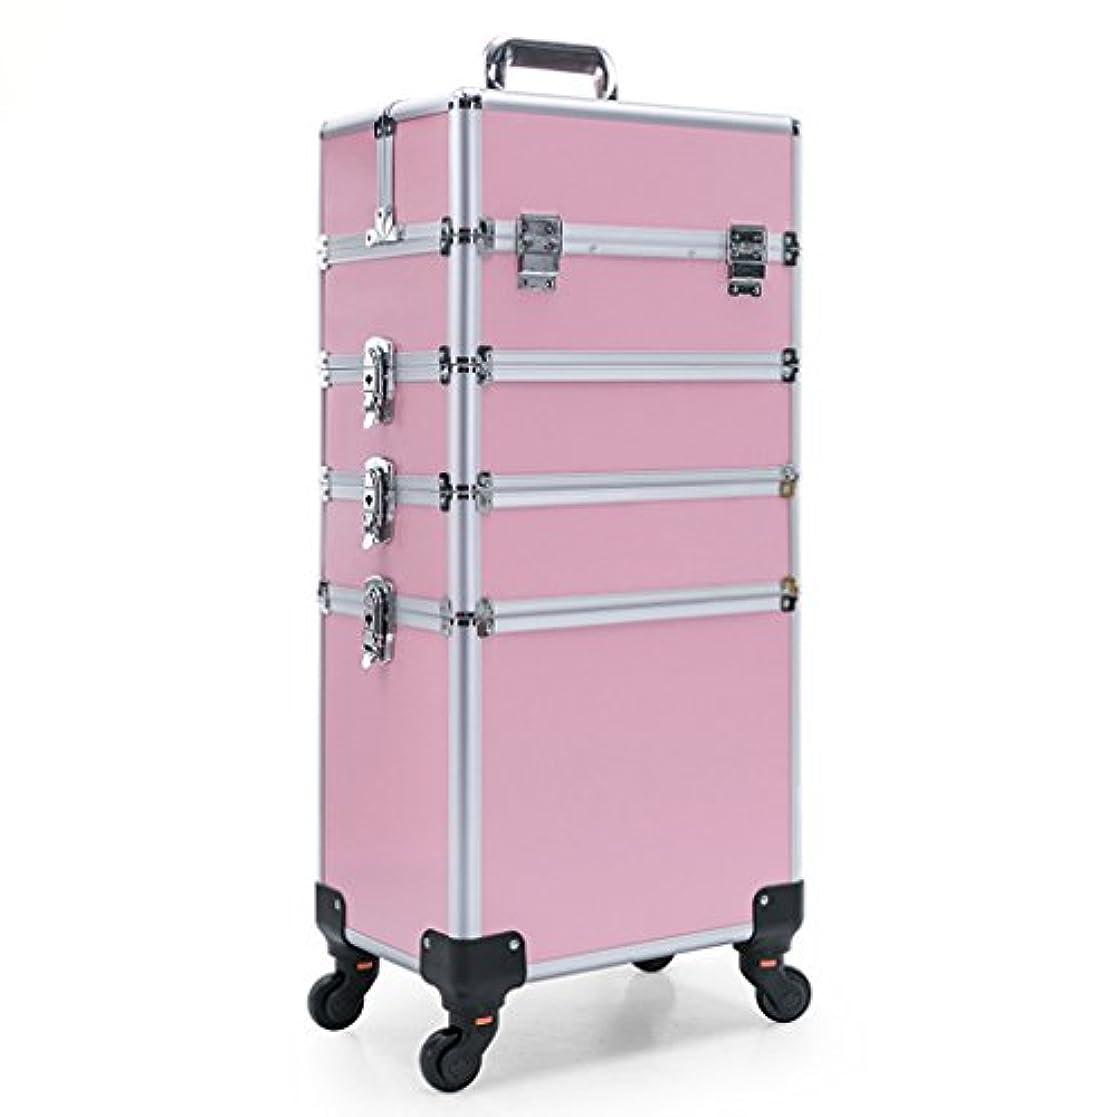 美容メイクアップケーストロリーアルミプロフェッショナル化粧箱ネイル、ジュエリー&ブラシ用ストレージケース